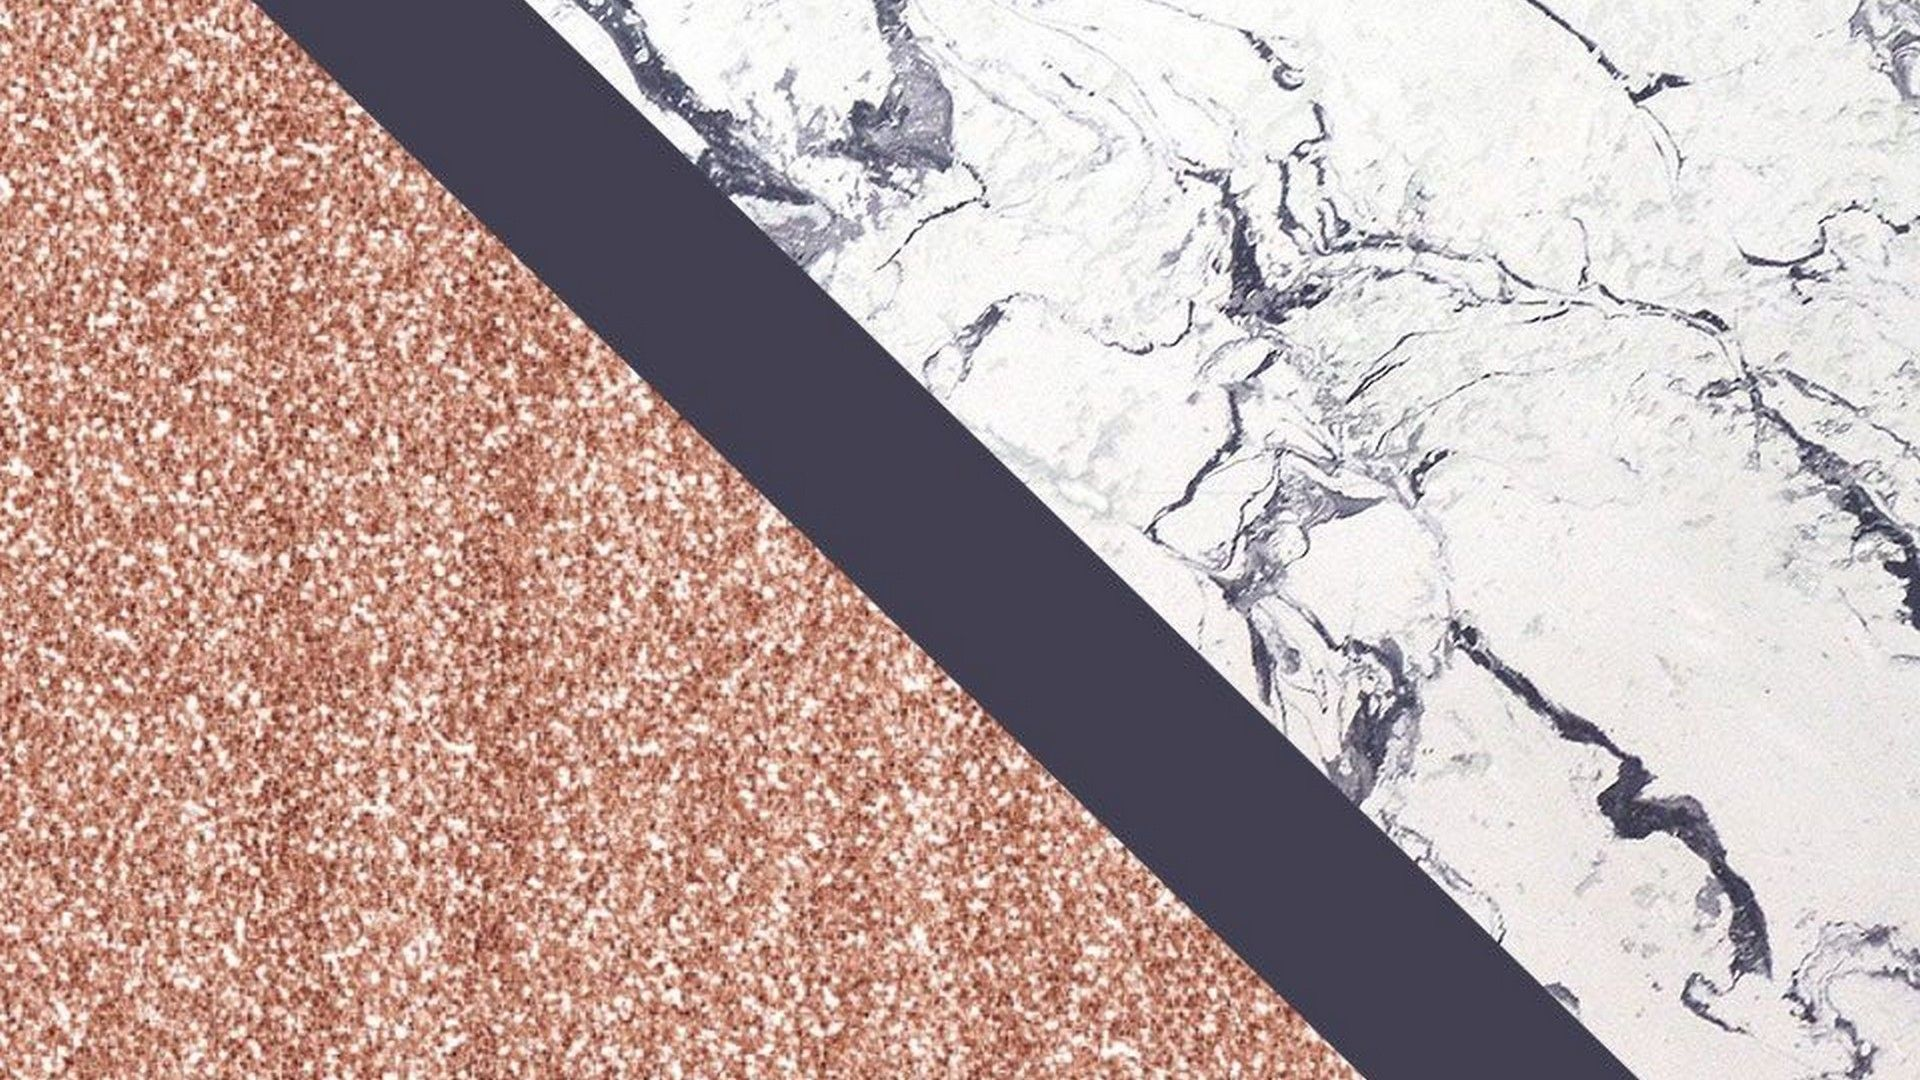 Aesthetic Marble Desktop Wallpapers Top Free Aesthetic Marble Desktop Backgrounds Wallpaperaccess